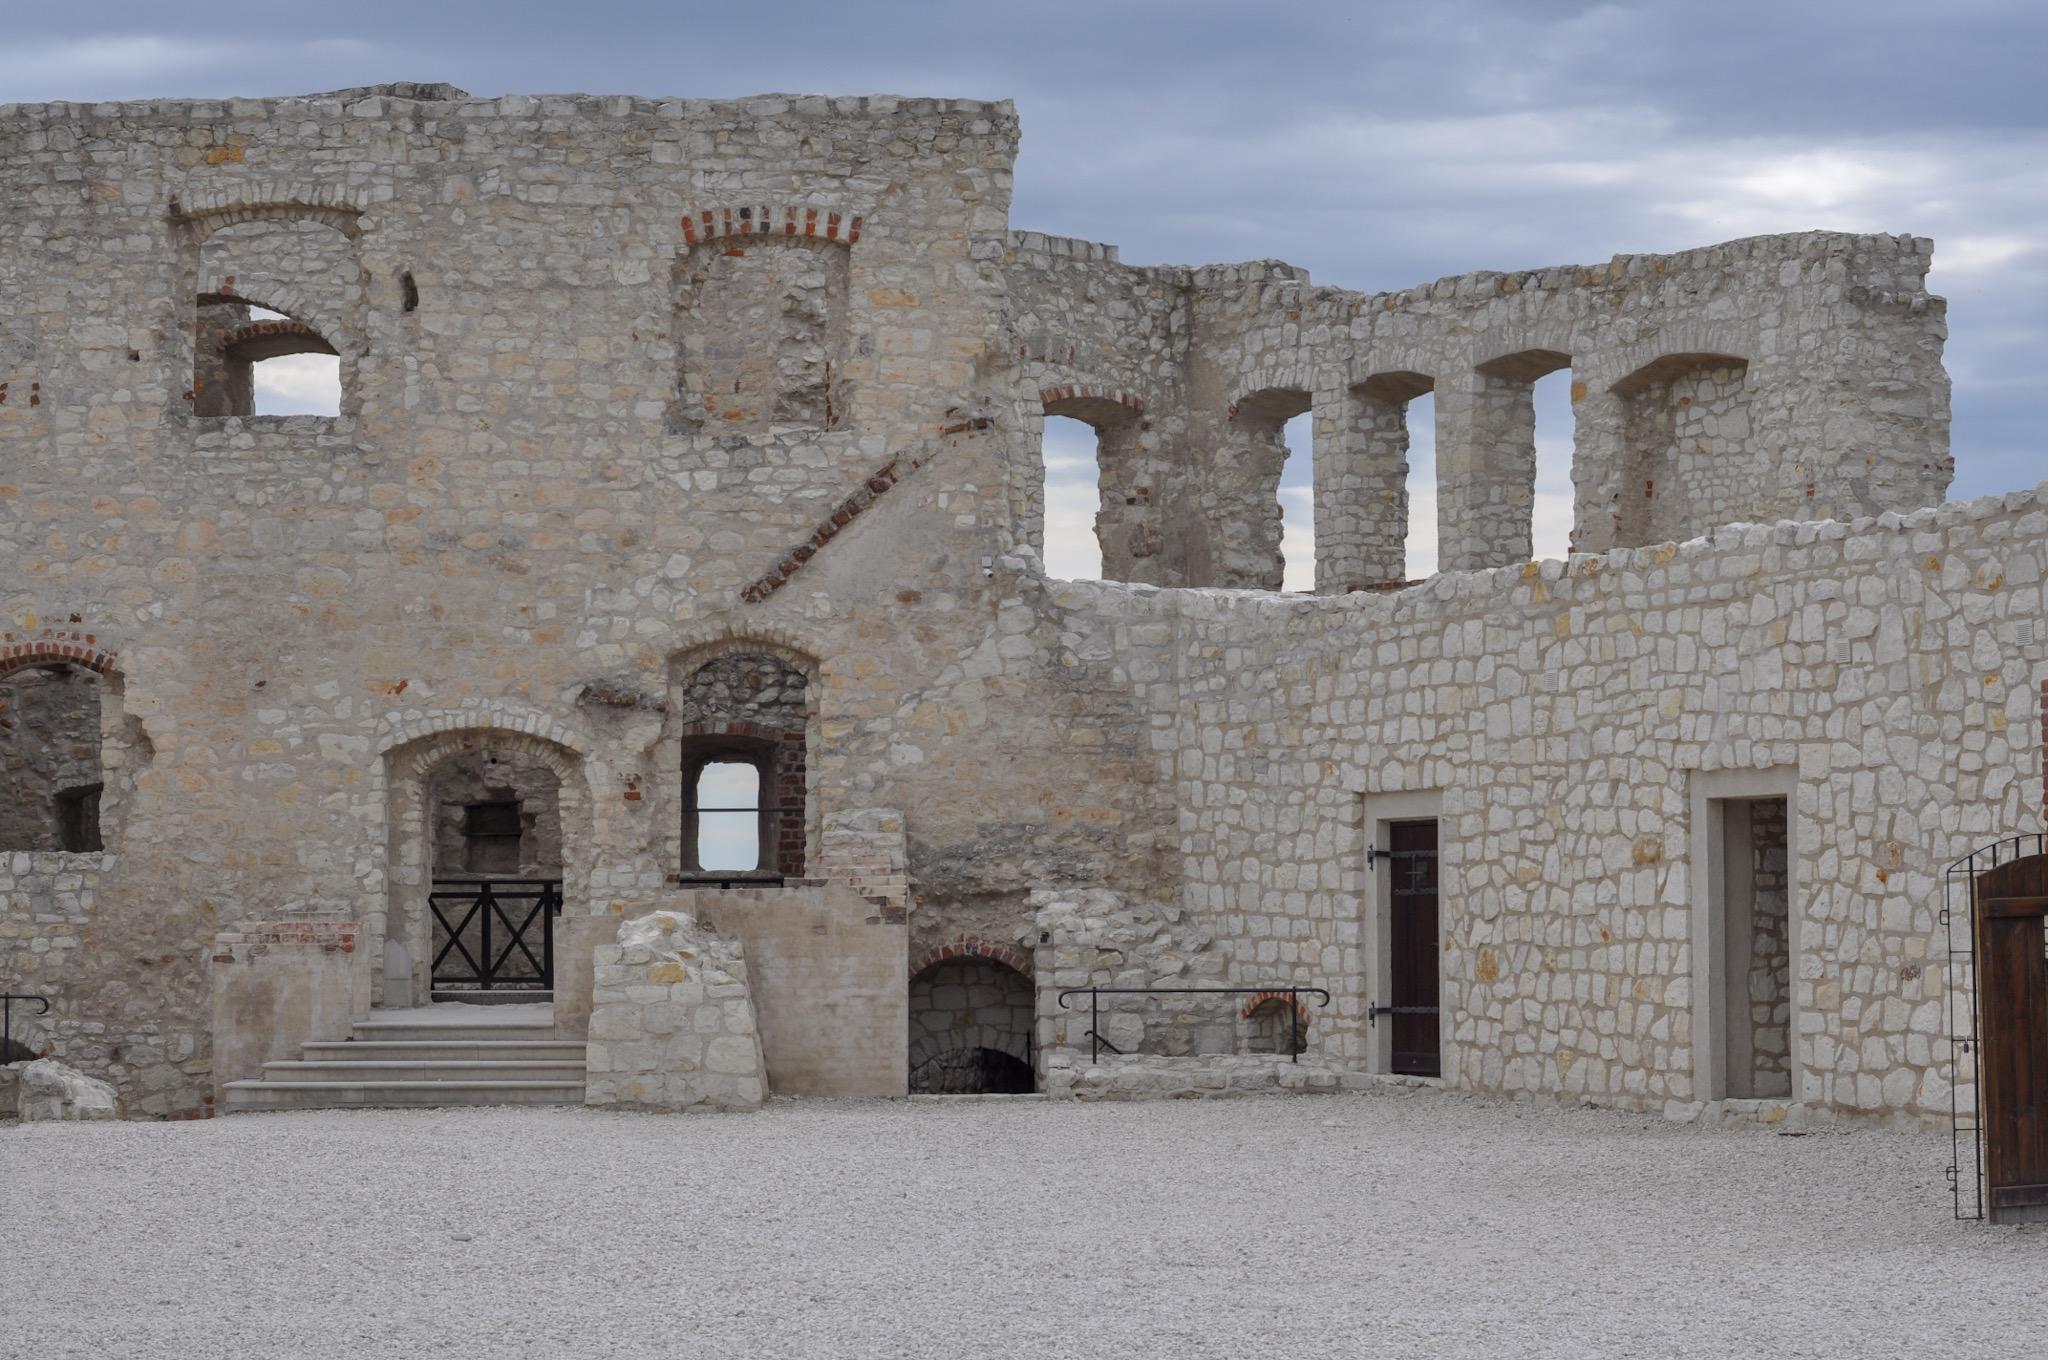 Kazimierz Dolny Castle, Poland